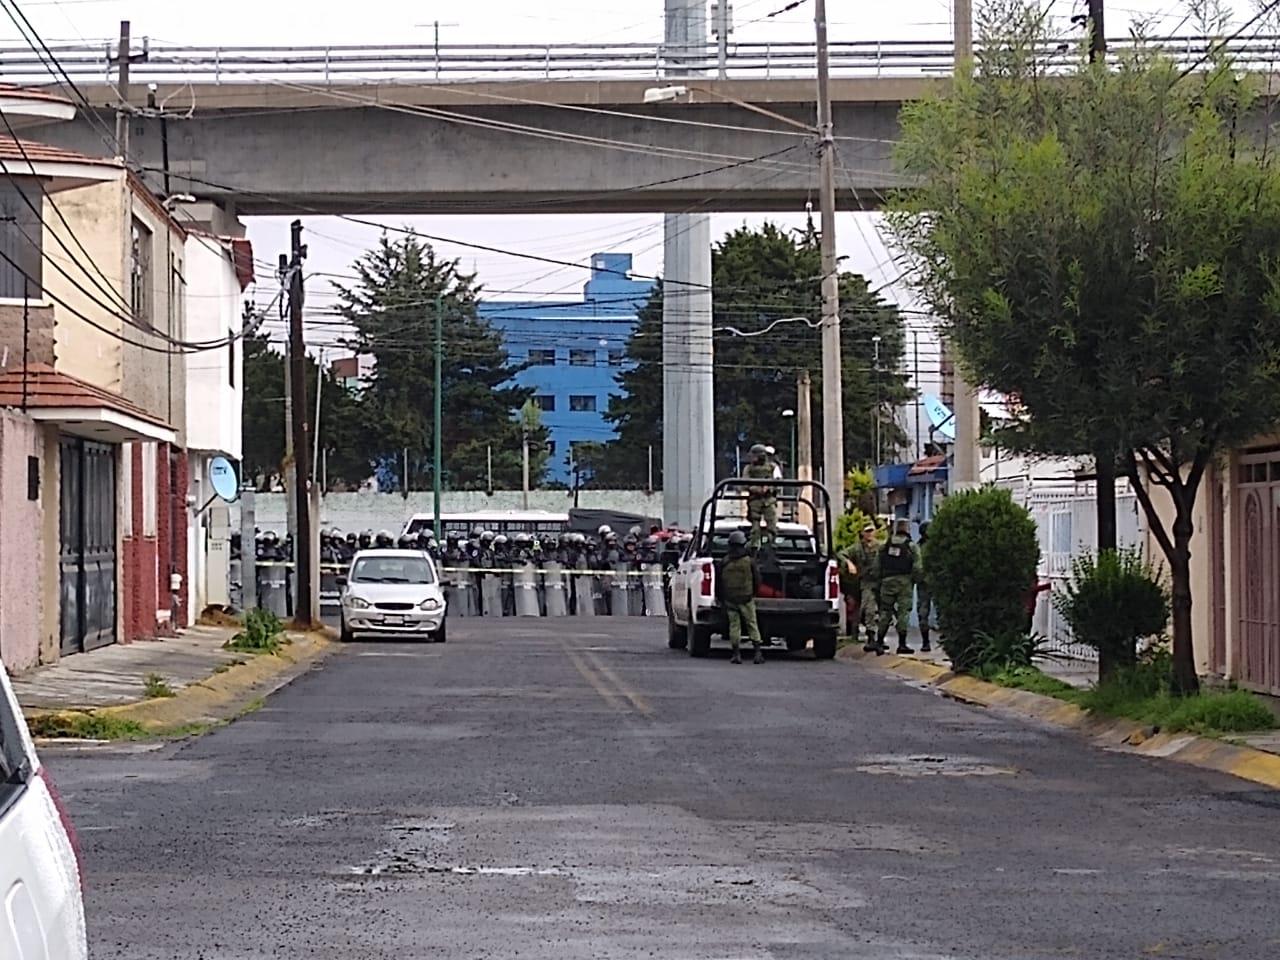 vecinos-se-oponen-a-demolicion-de-parque-y-llegan-granaderos-en-toluca3